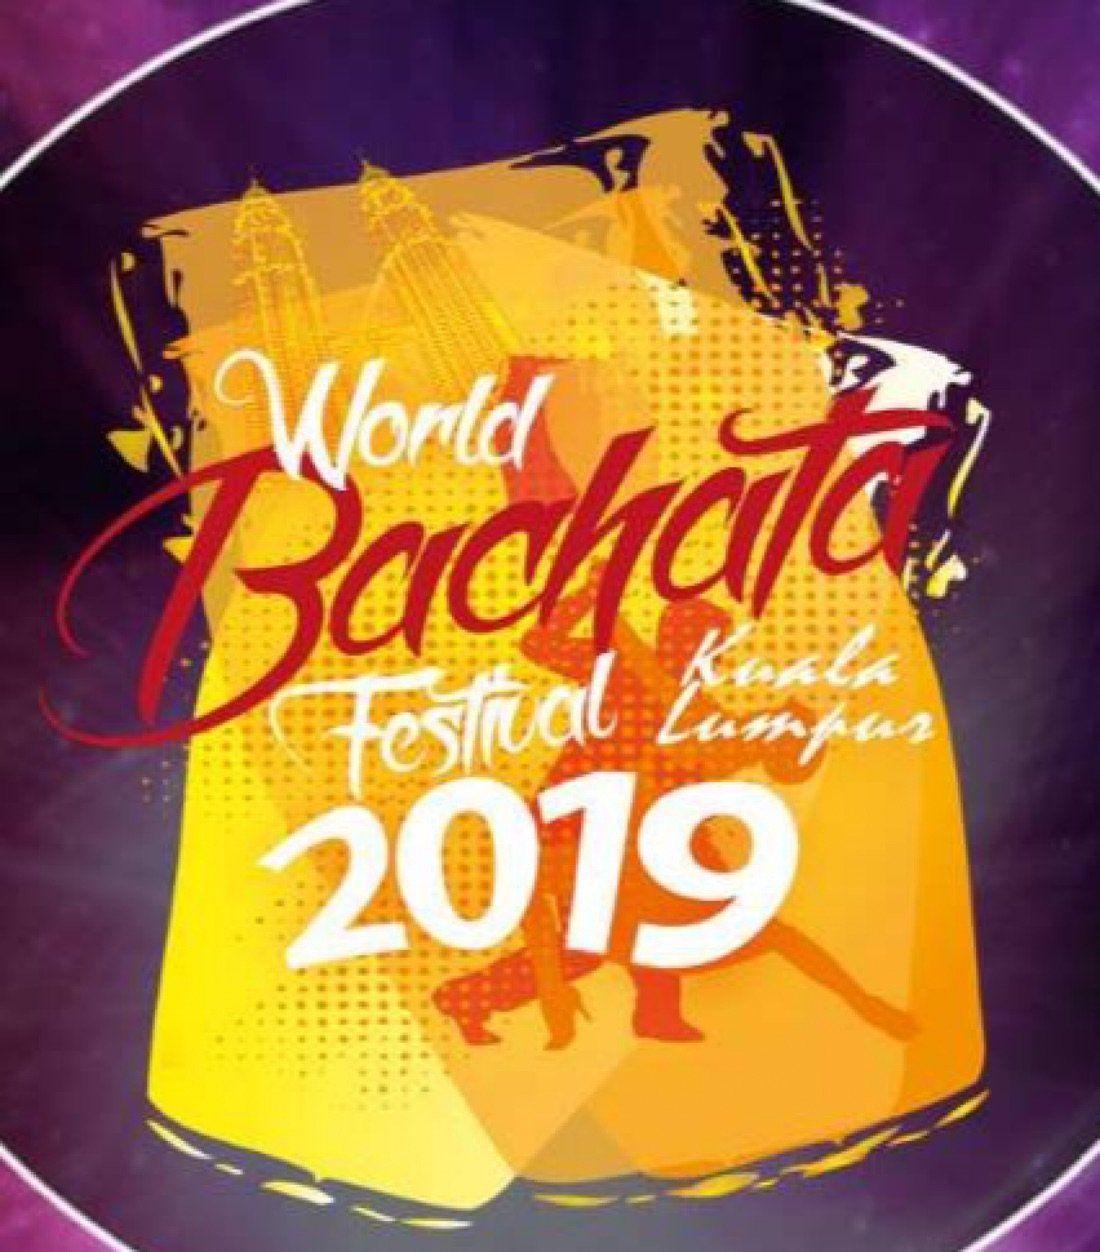 World Bachata Festival Kuala Lumpur